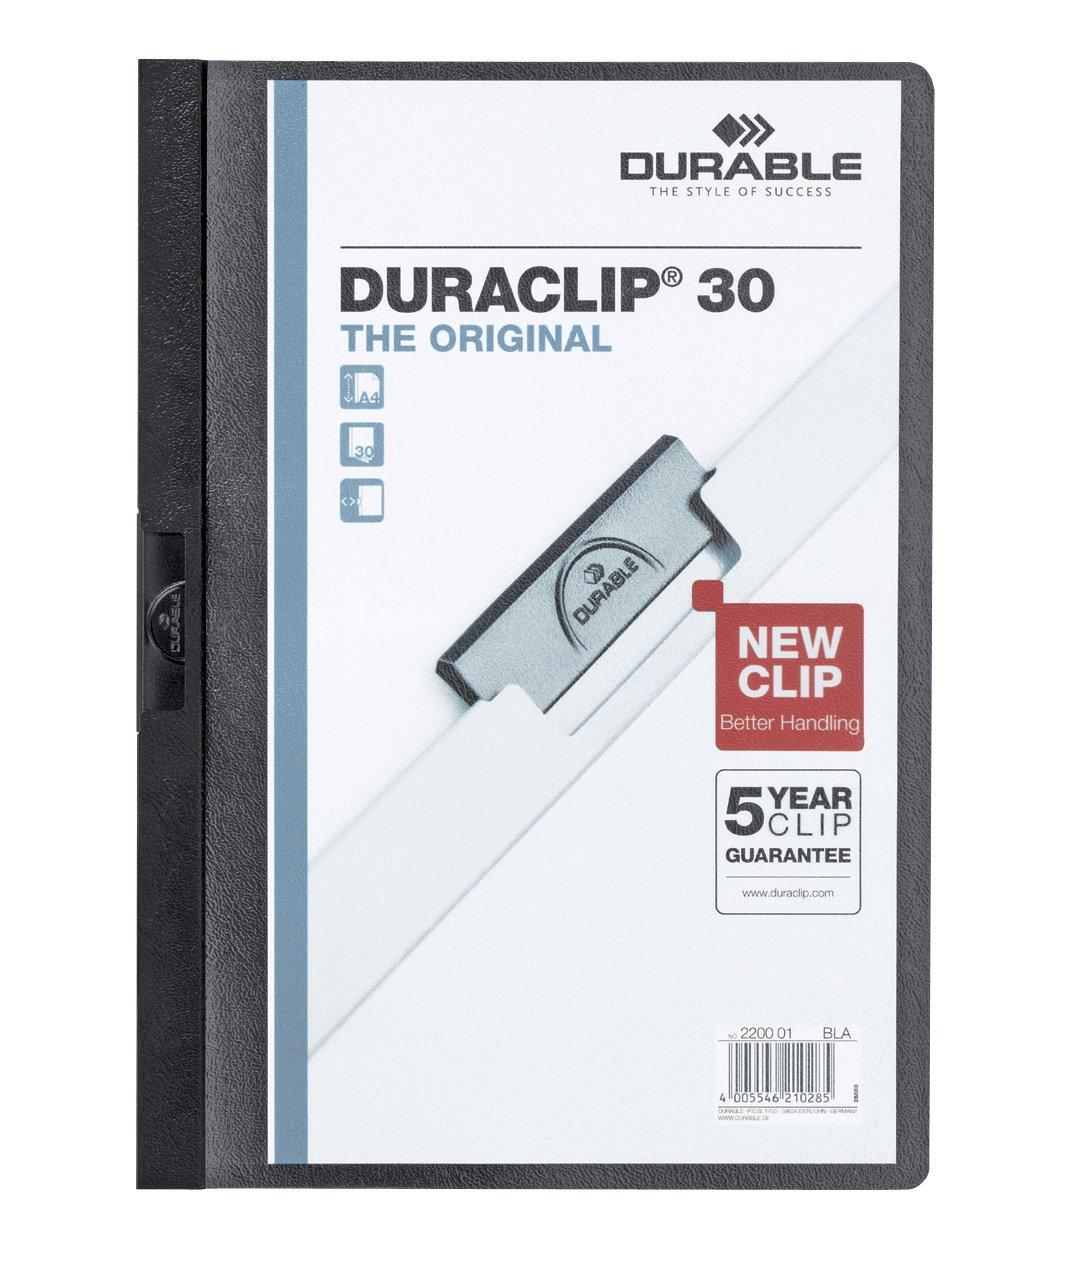 confezione da 25 pezzi cartellina con clip per archiviare documenti DURABLE 220003 Duraclip 30 f.to A4 rosso capacit/à 1-30 fogli